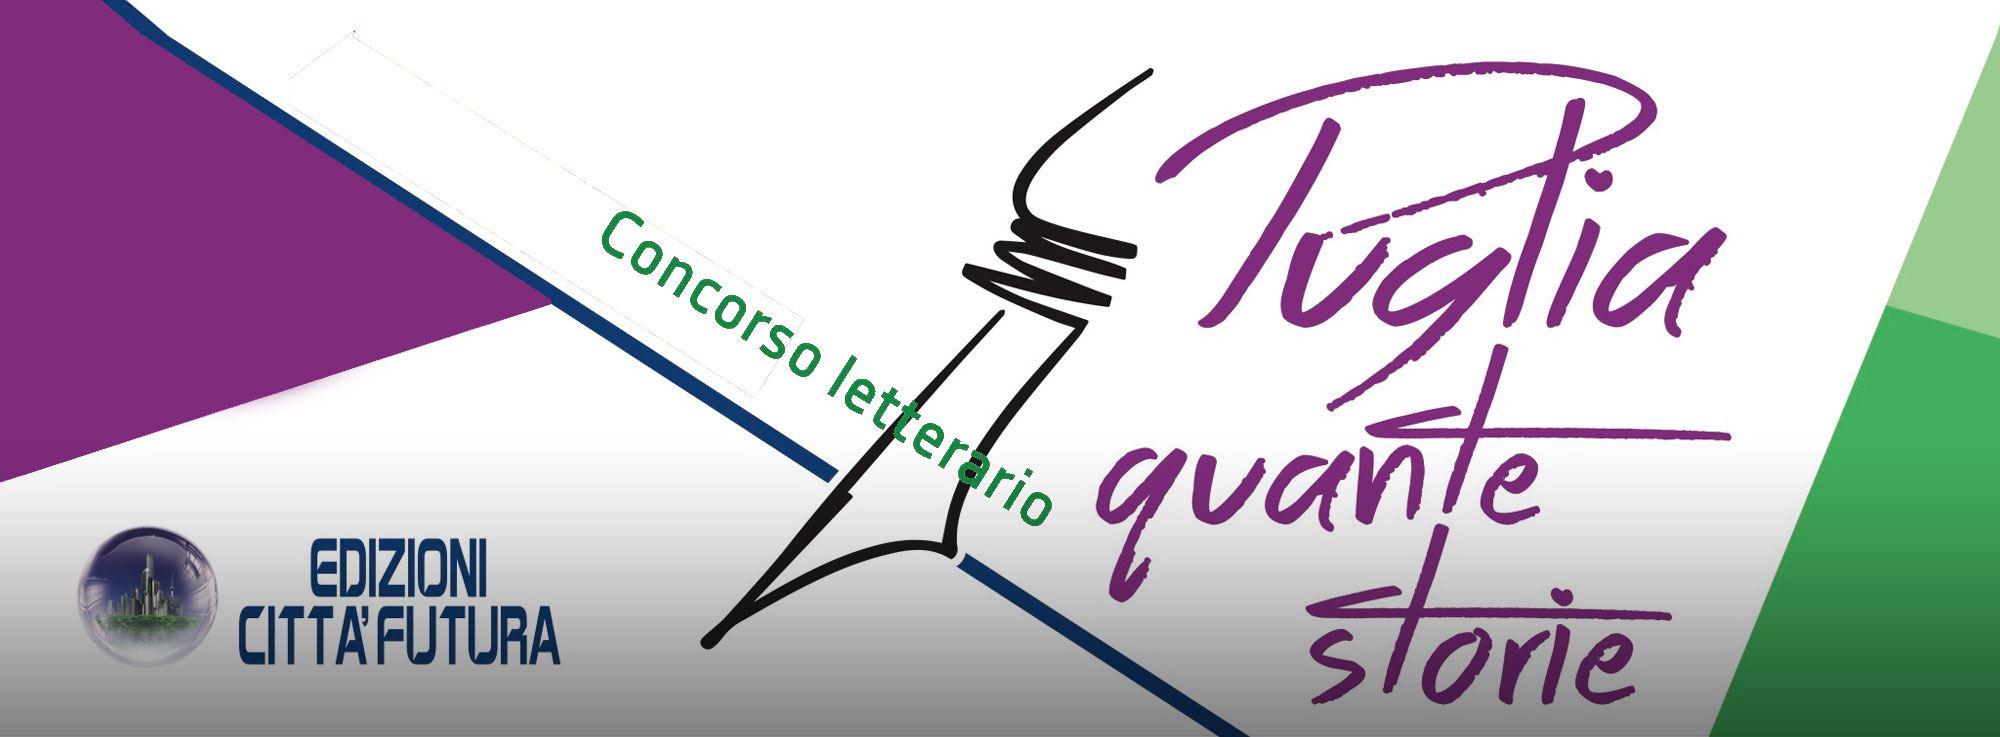 Lecce: Serata d'autore - Puglia Quante Storie